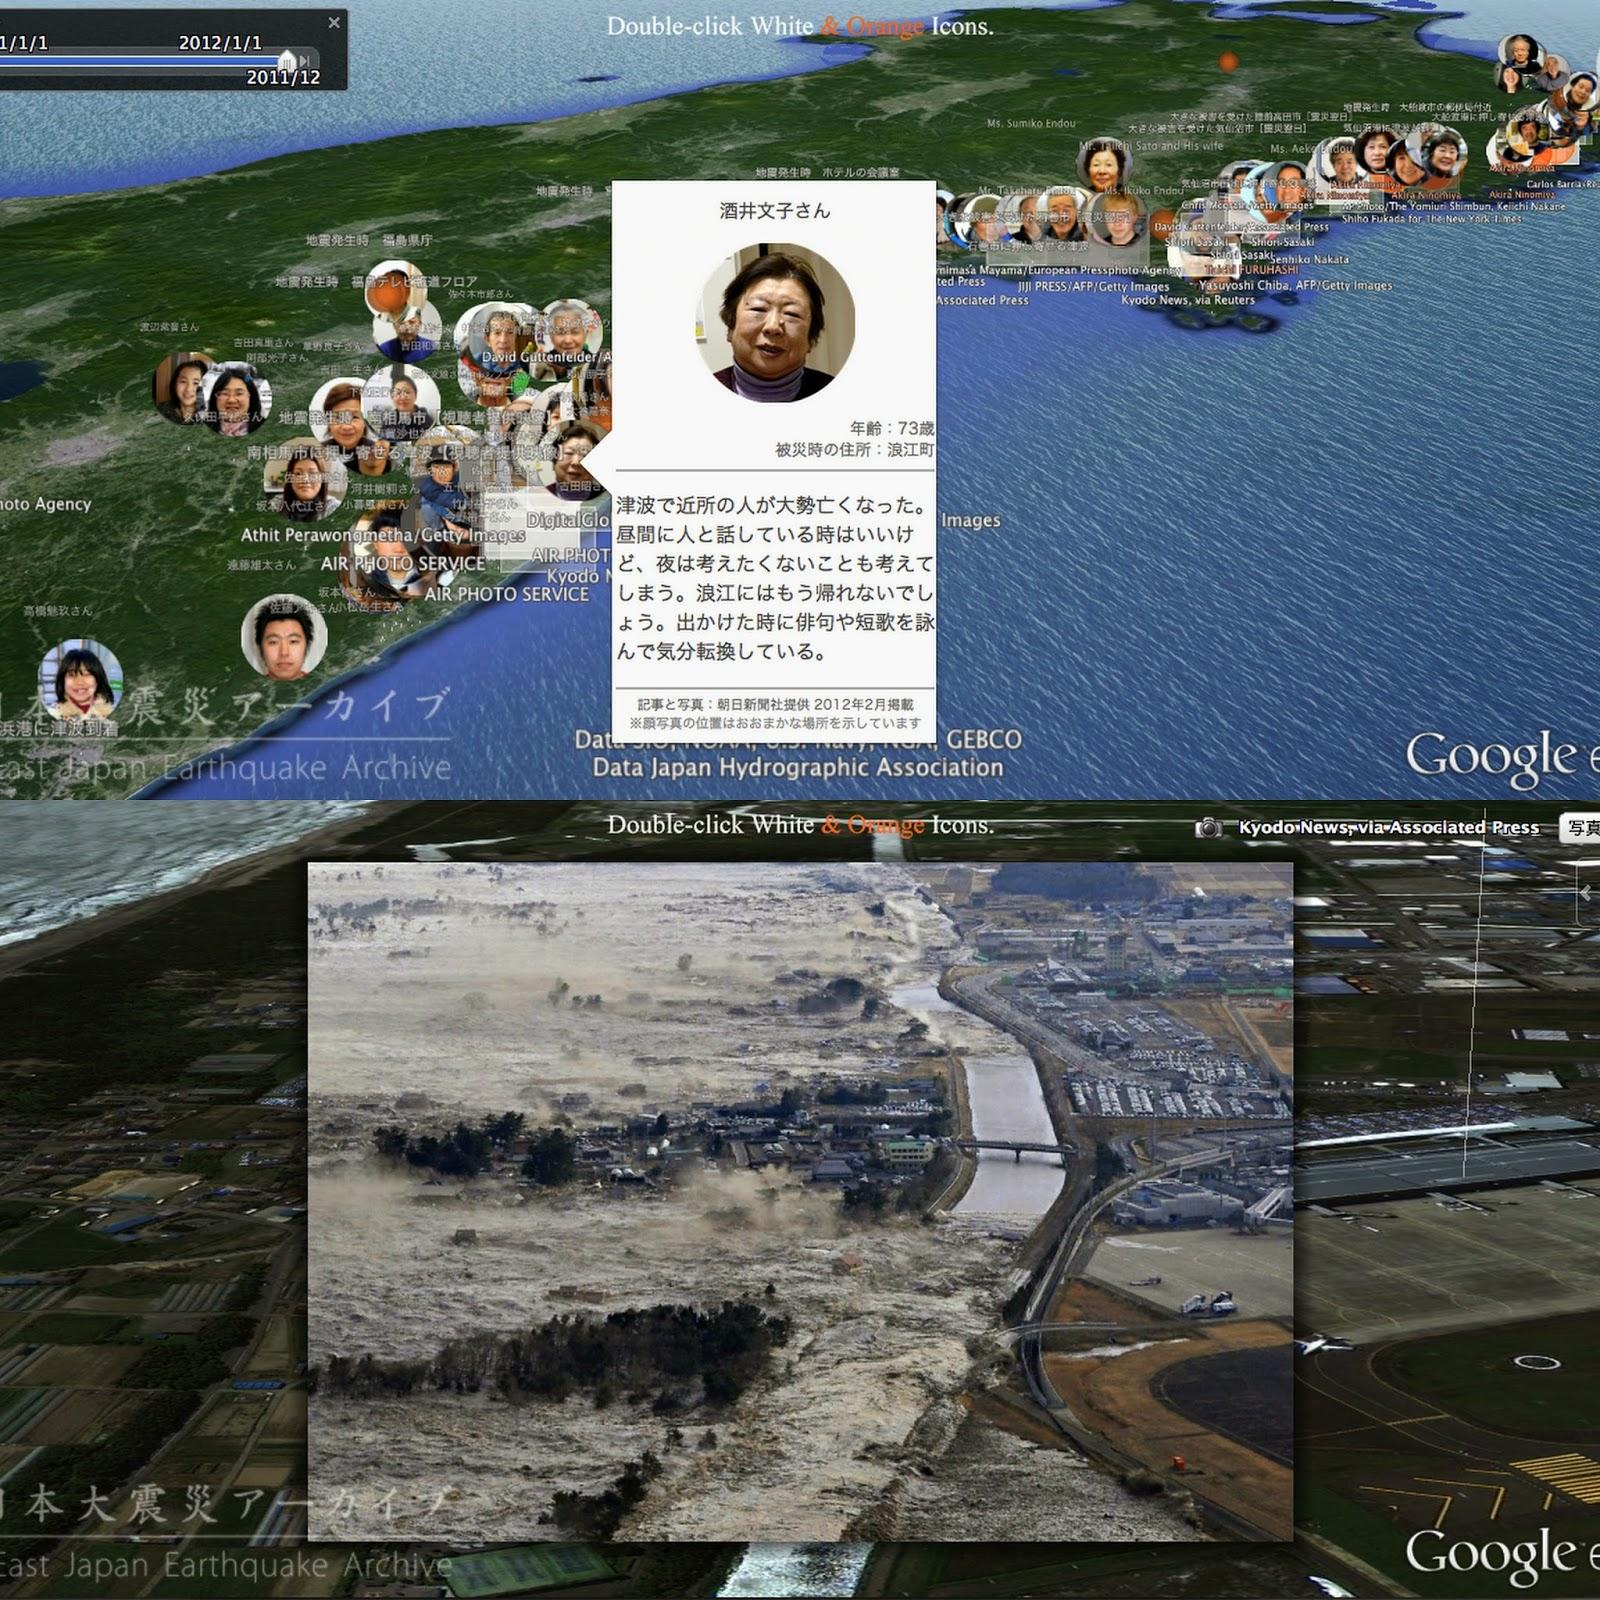 「東日本大震災アーカイブ」がグッドデザイン賞受賞&グッドデザイン・ベスト100に選出